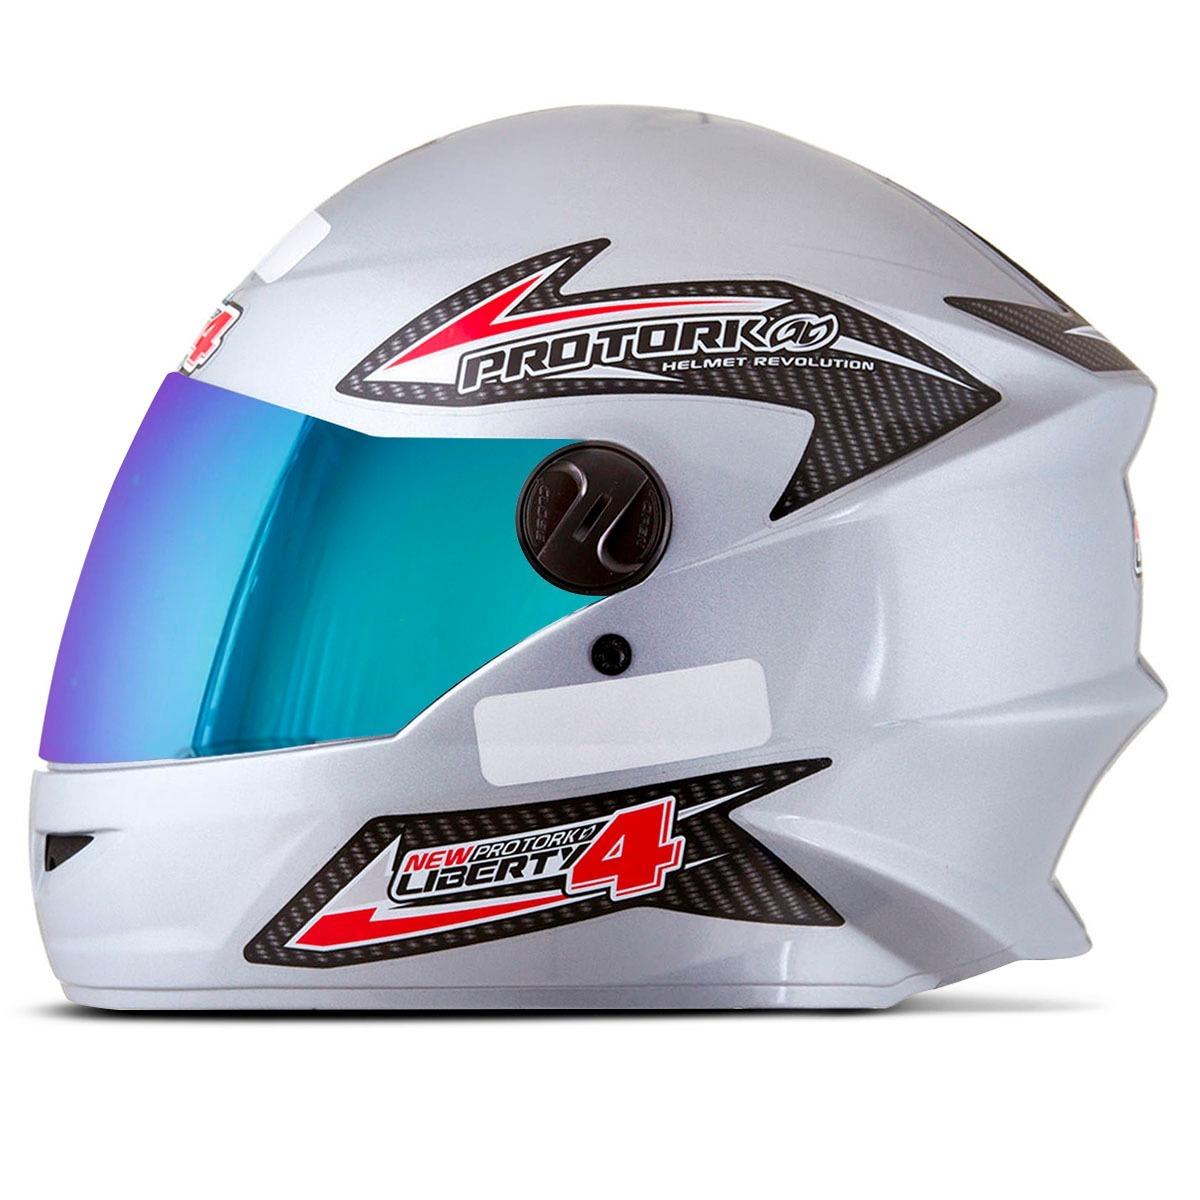 capacete moto viseira camaleão protork new liberty 4 prata. Carregando zoom. f660d9a27d